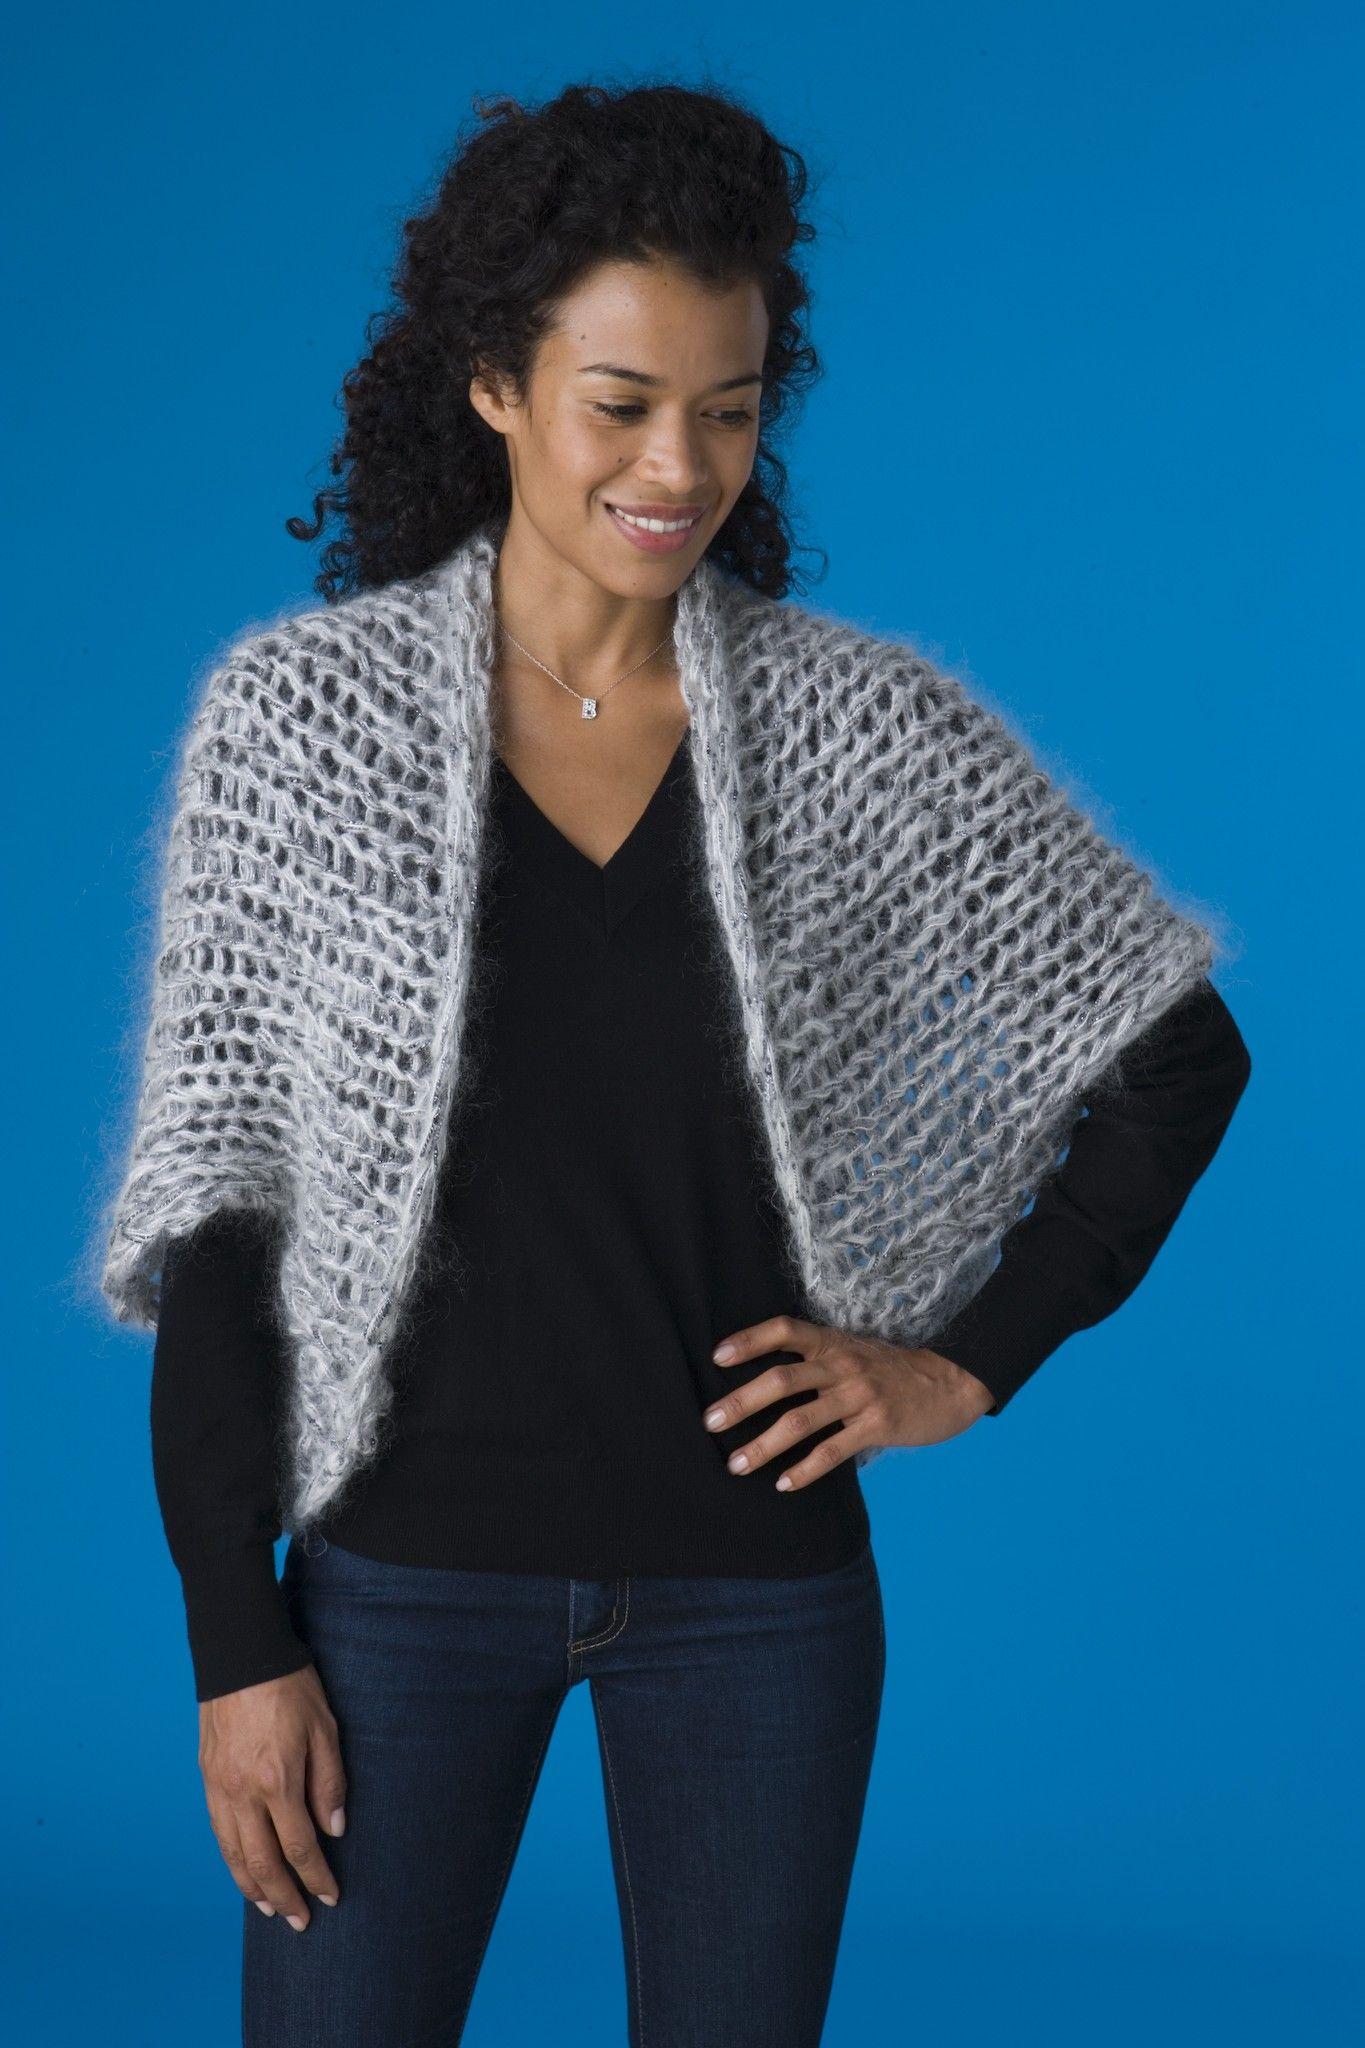 Cocoon Shrug (Knit) - Patterns - Lion Brand Yarn | Breiwerk ...